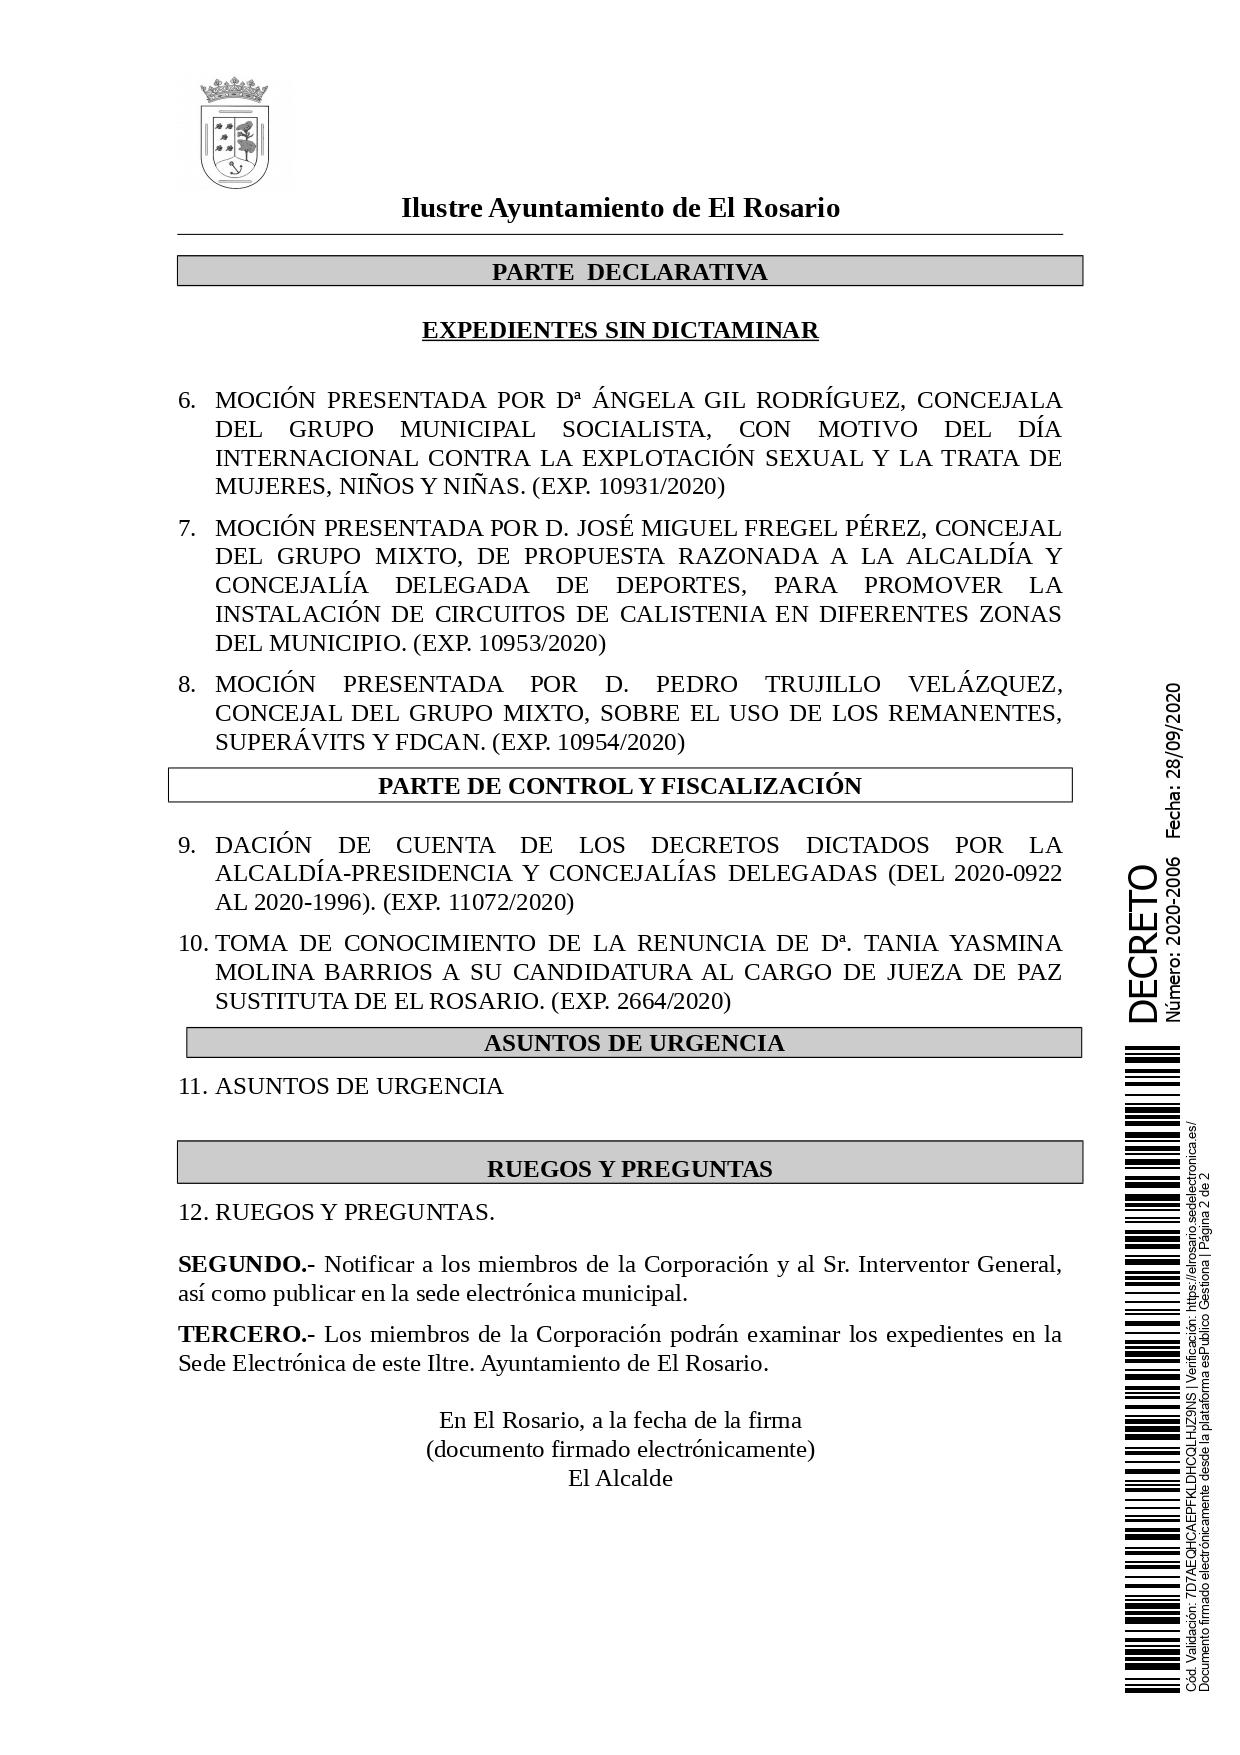 20200928_DECRETO 2020-2006 [Decreto Convocatoria Pleno Ordinario de 1 de octubre de 2020]_pages-to-jpg-0002